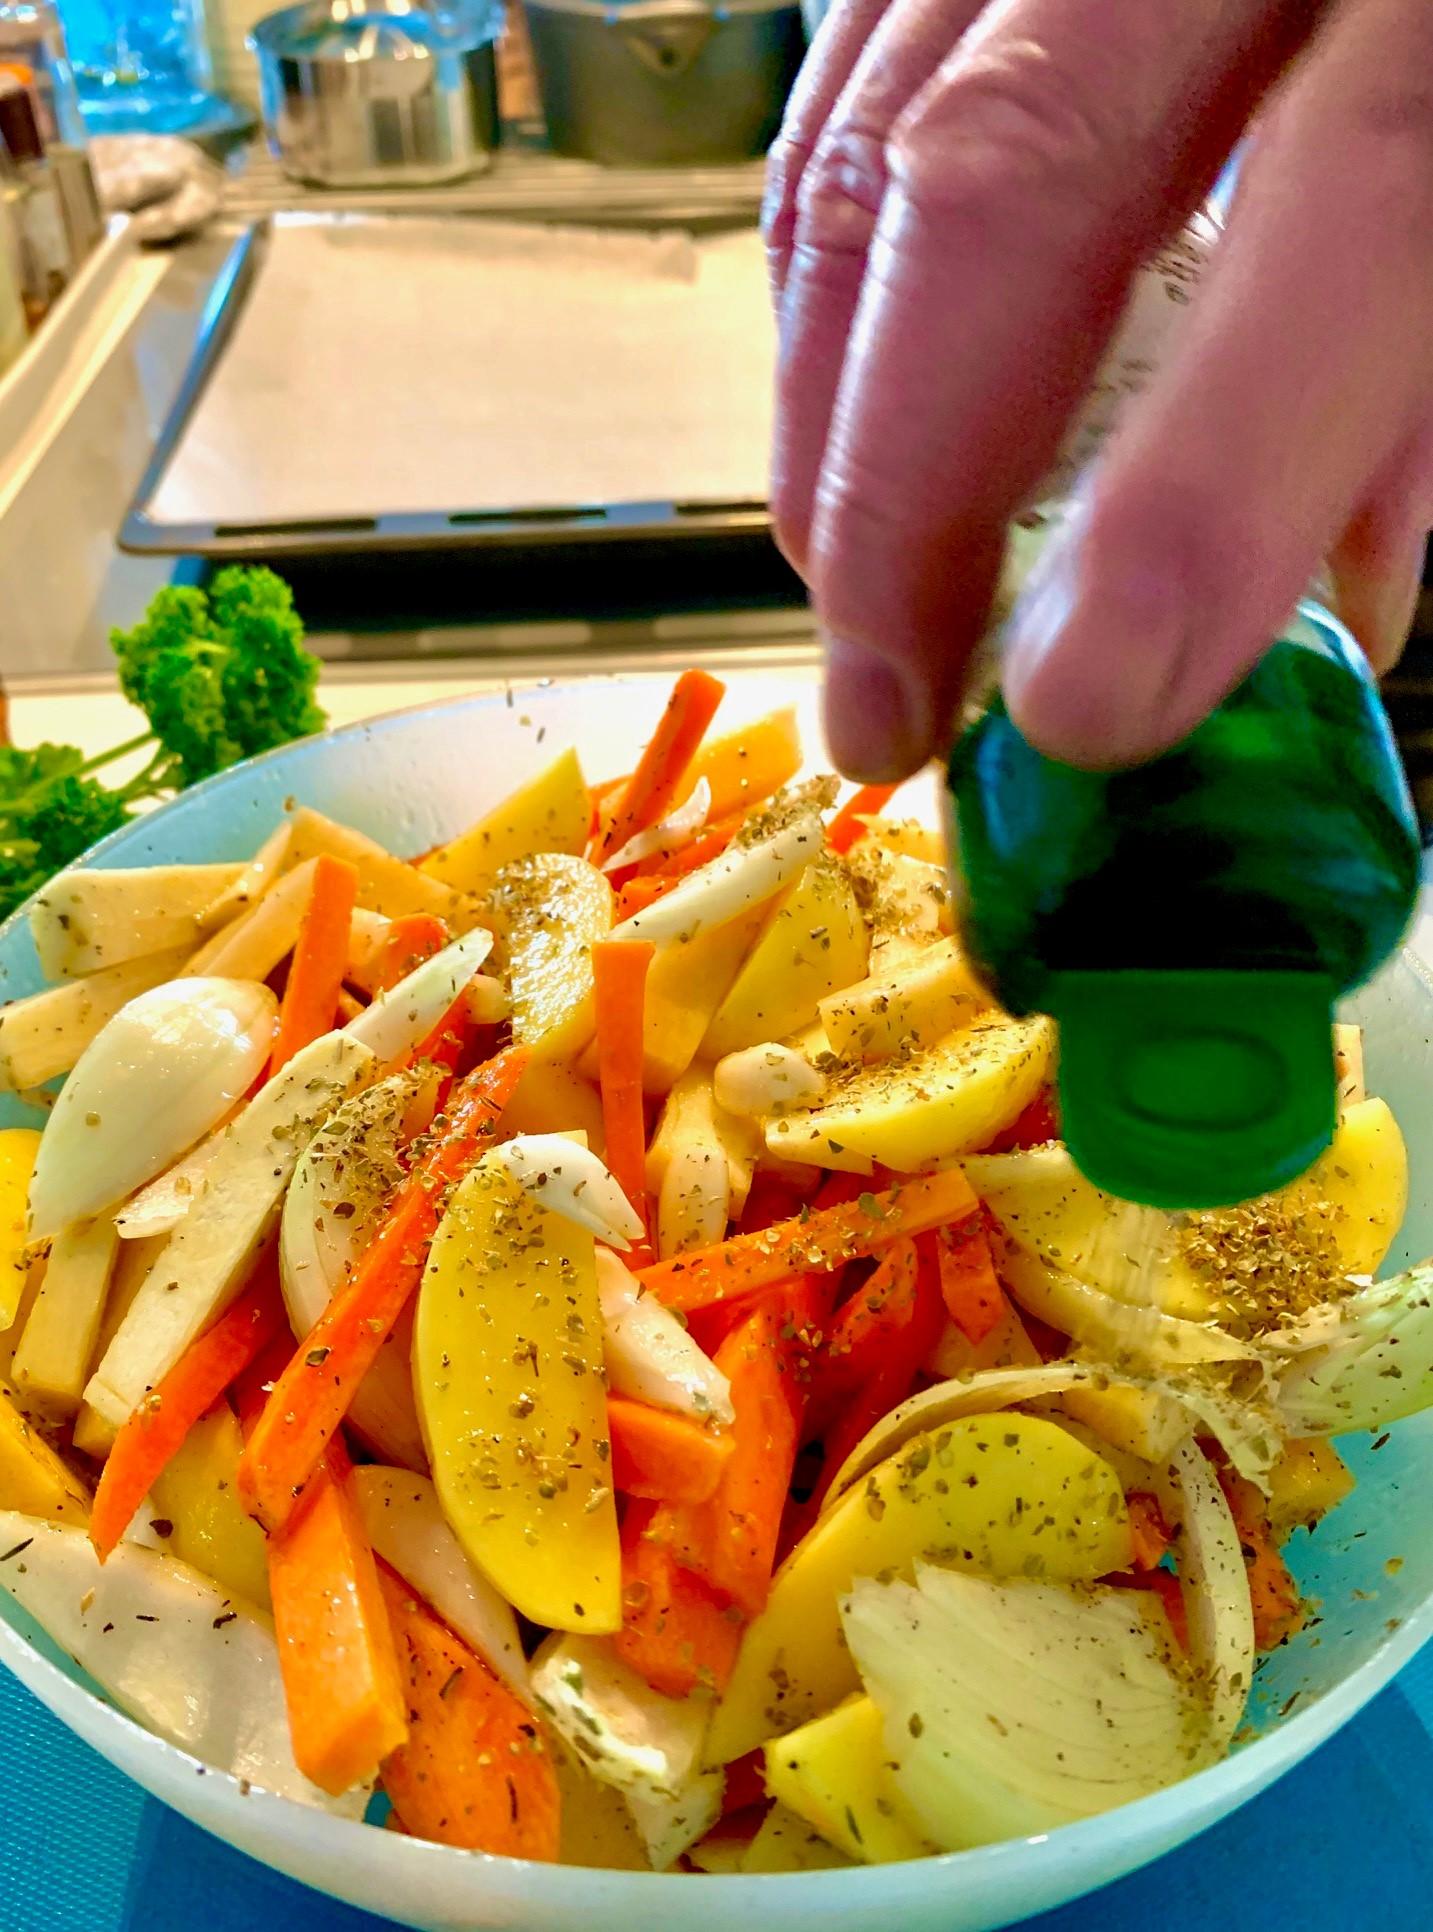 Mausta juurekset ensin astiassa.